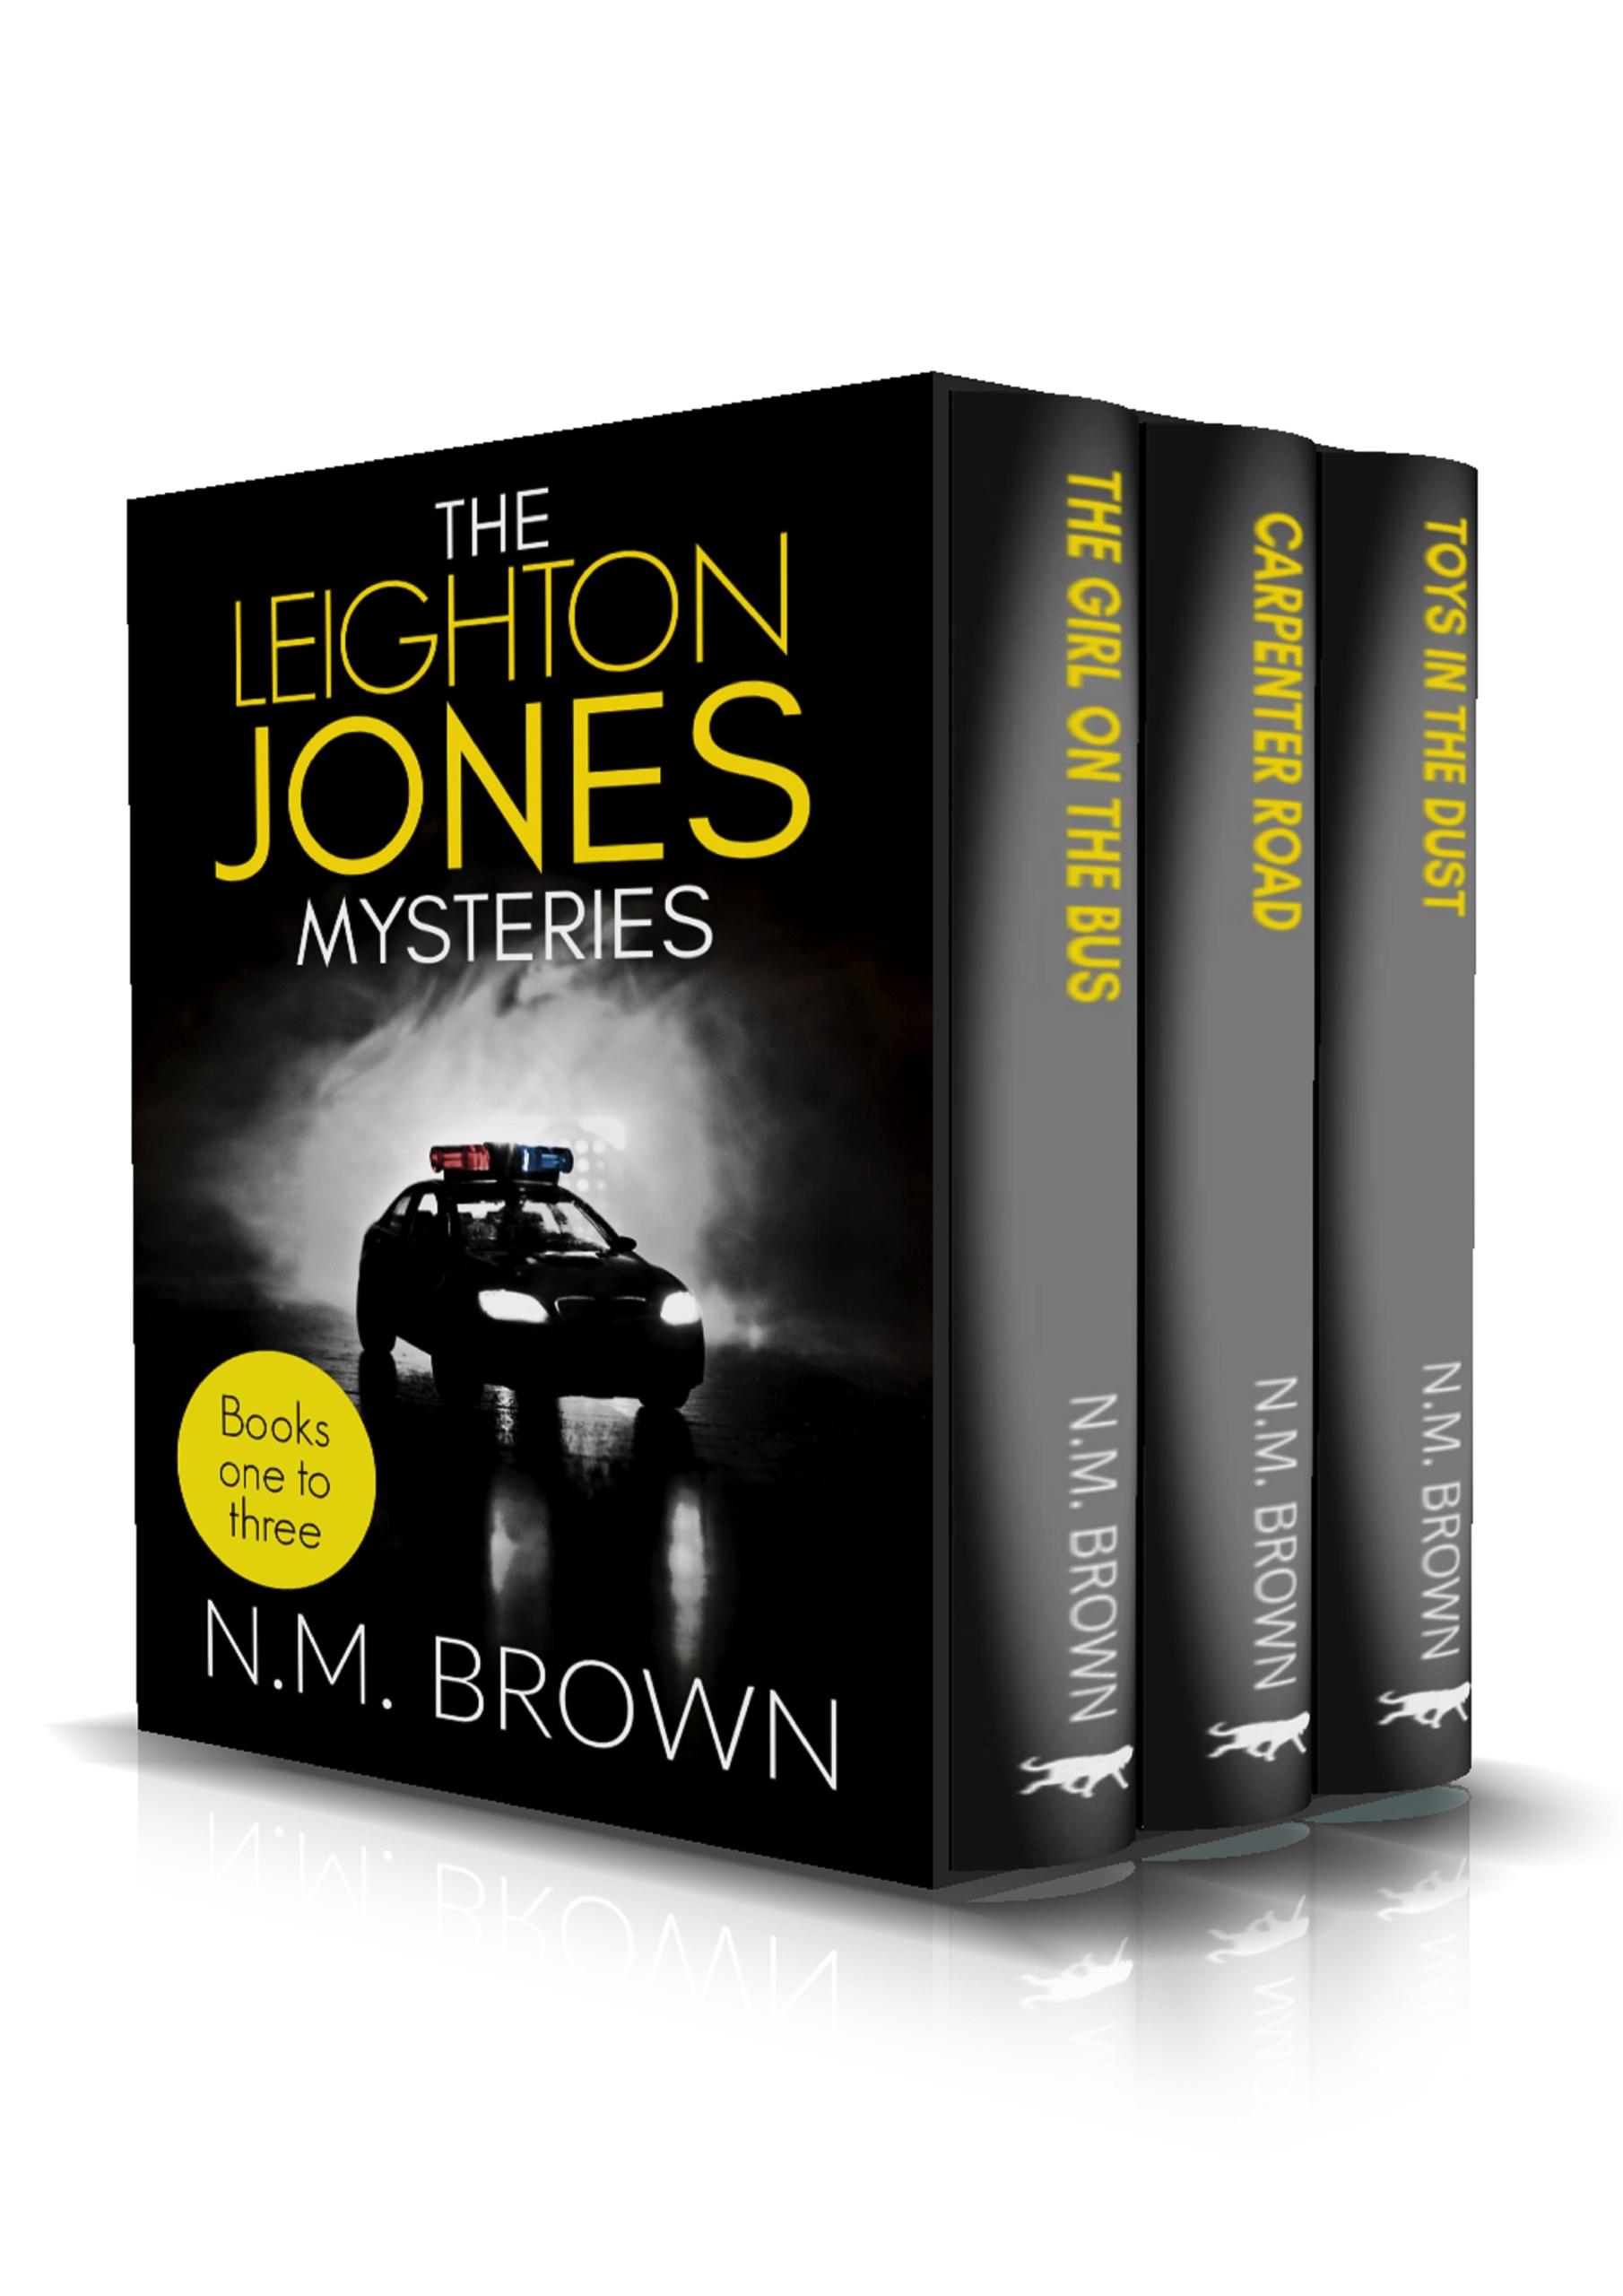 The-Leighton-Jones-Mysteries-Kindle.jpg